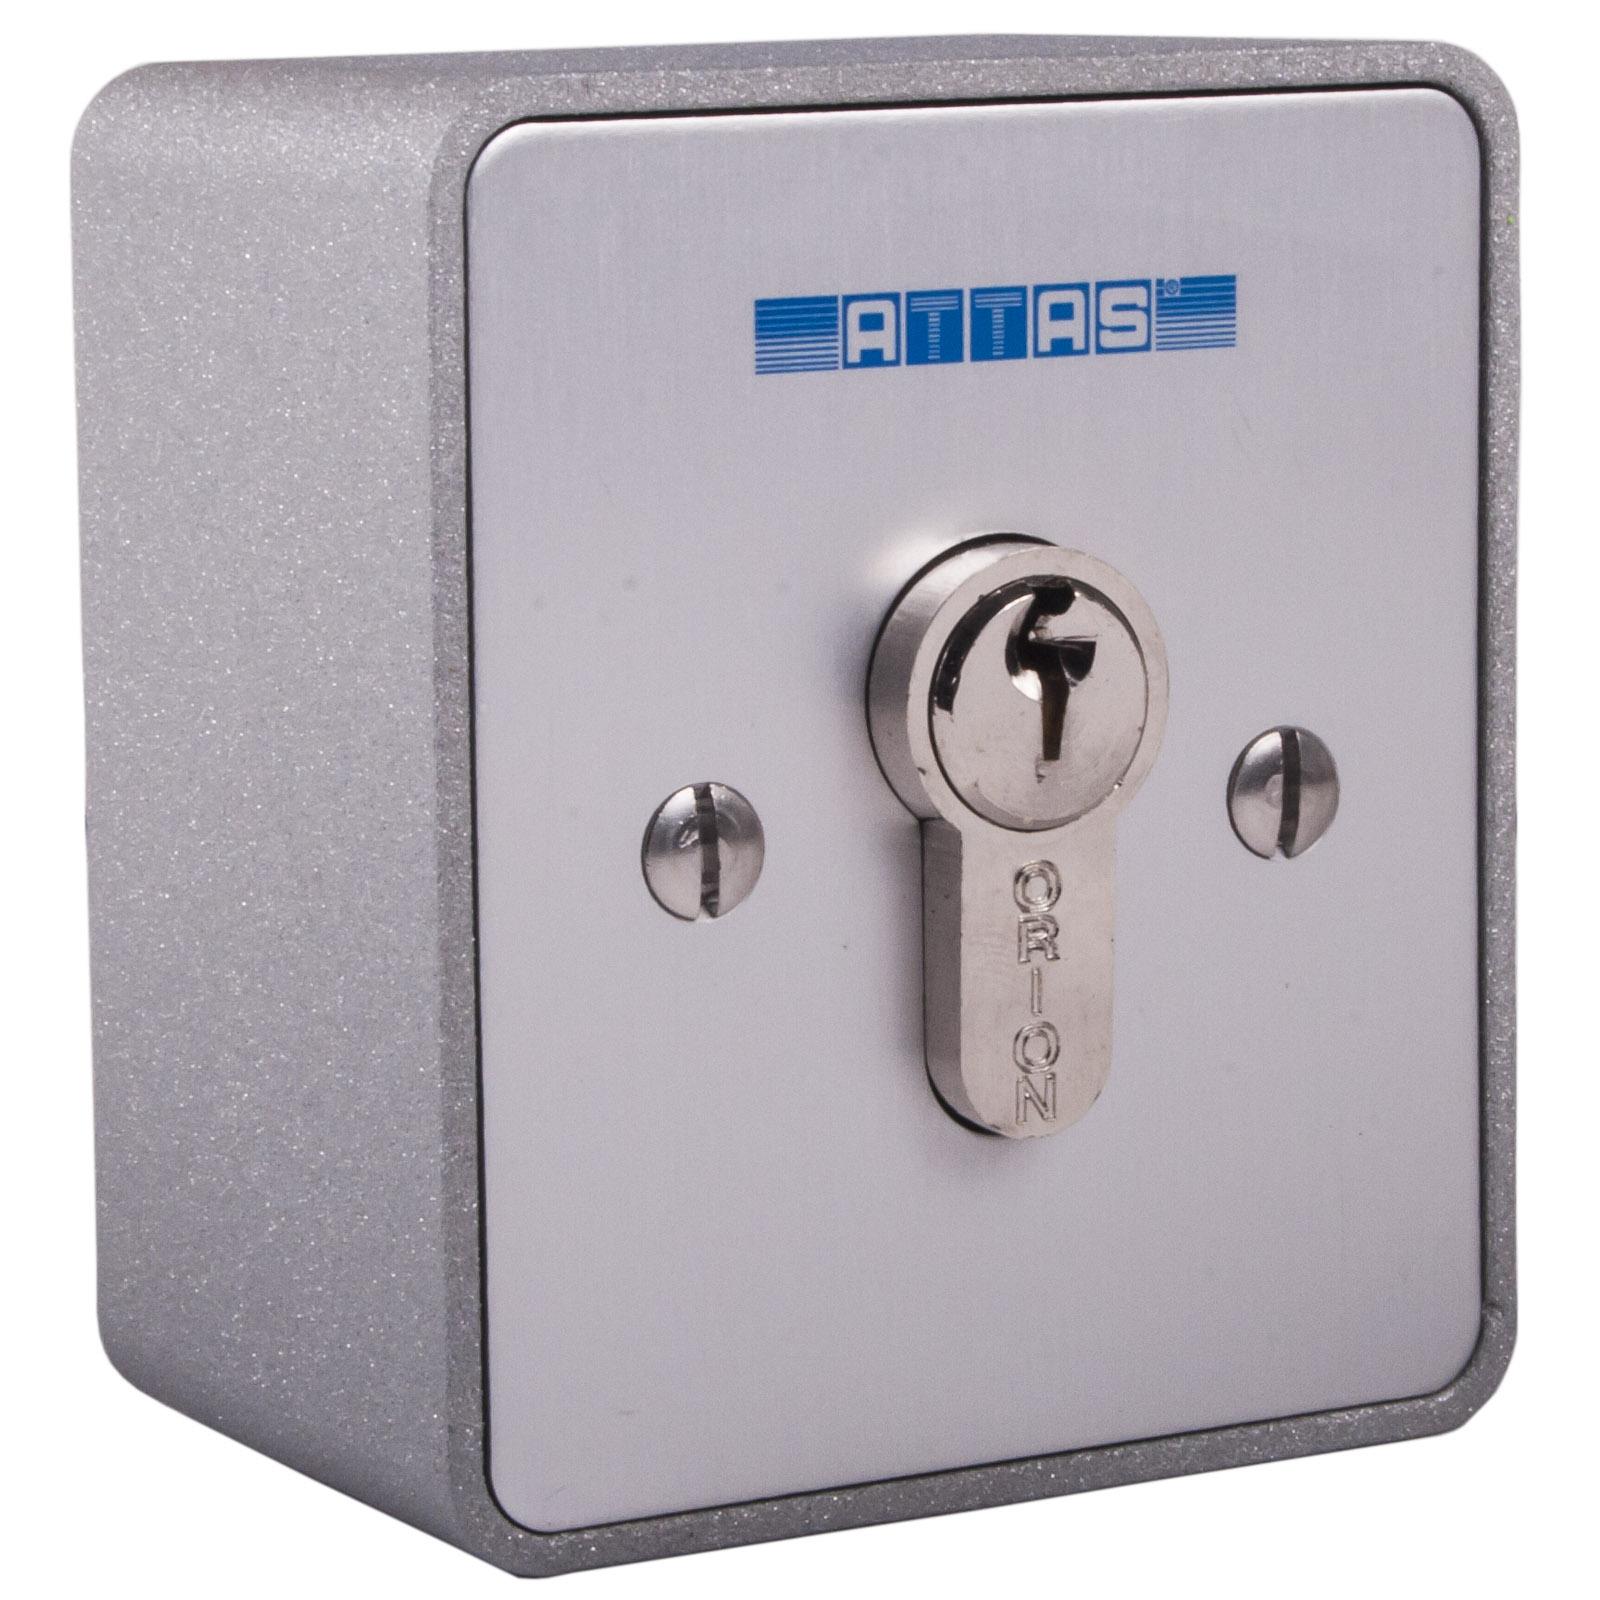 Schalteinsatz Schaltkontakt für Orion Schlüsseltaster Schlüsselschalter Serie SE